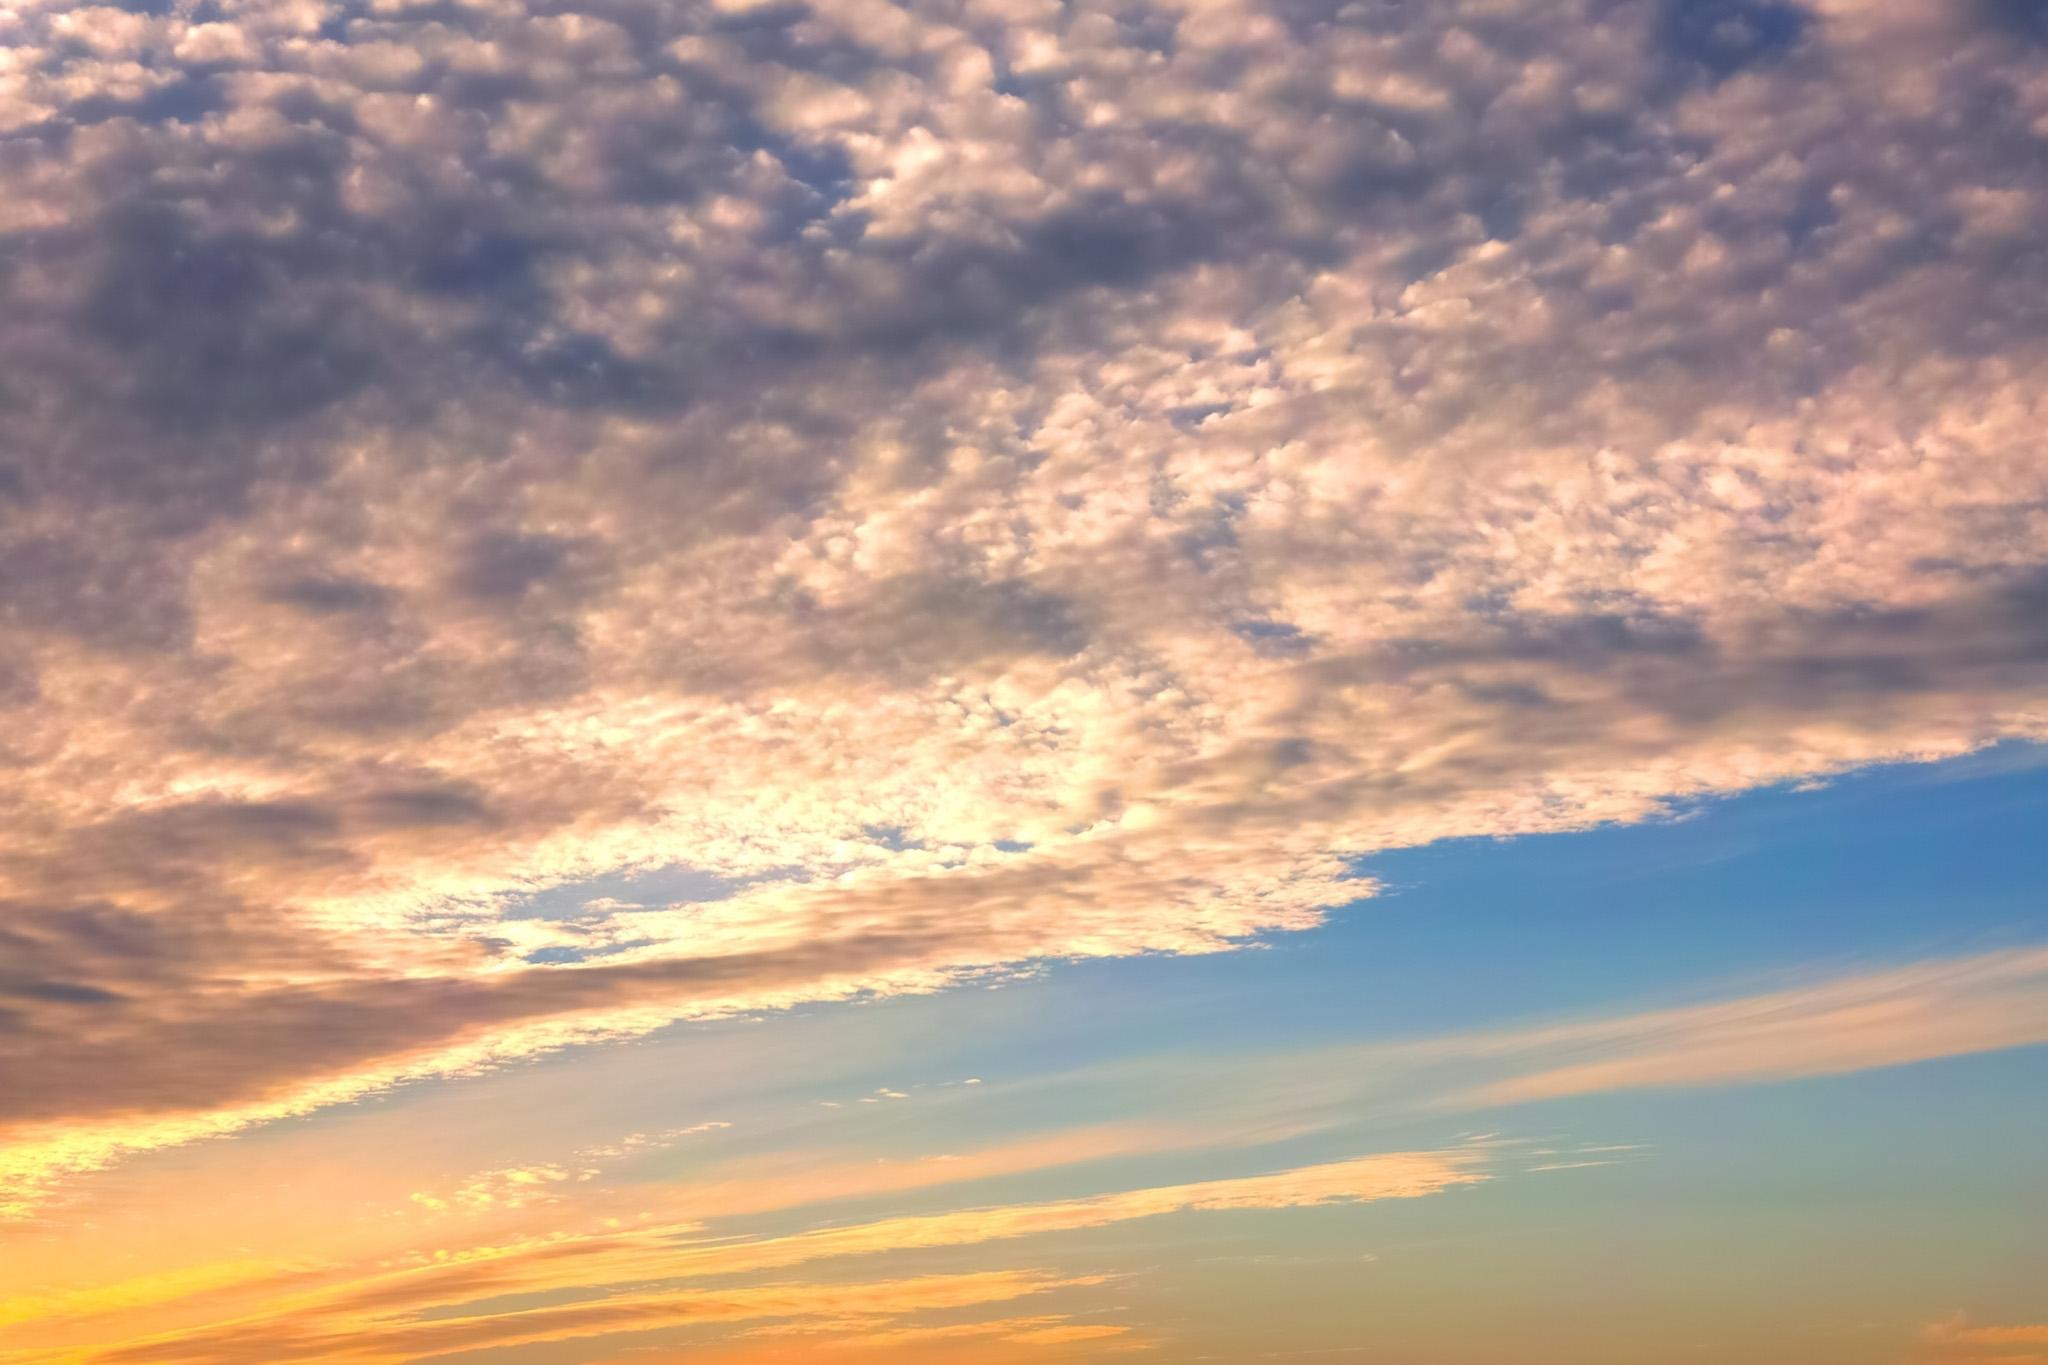 「夕焼けの空が鮮やかに染まる」の素材を無料ダウンロード